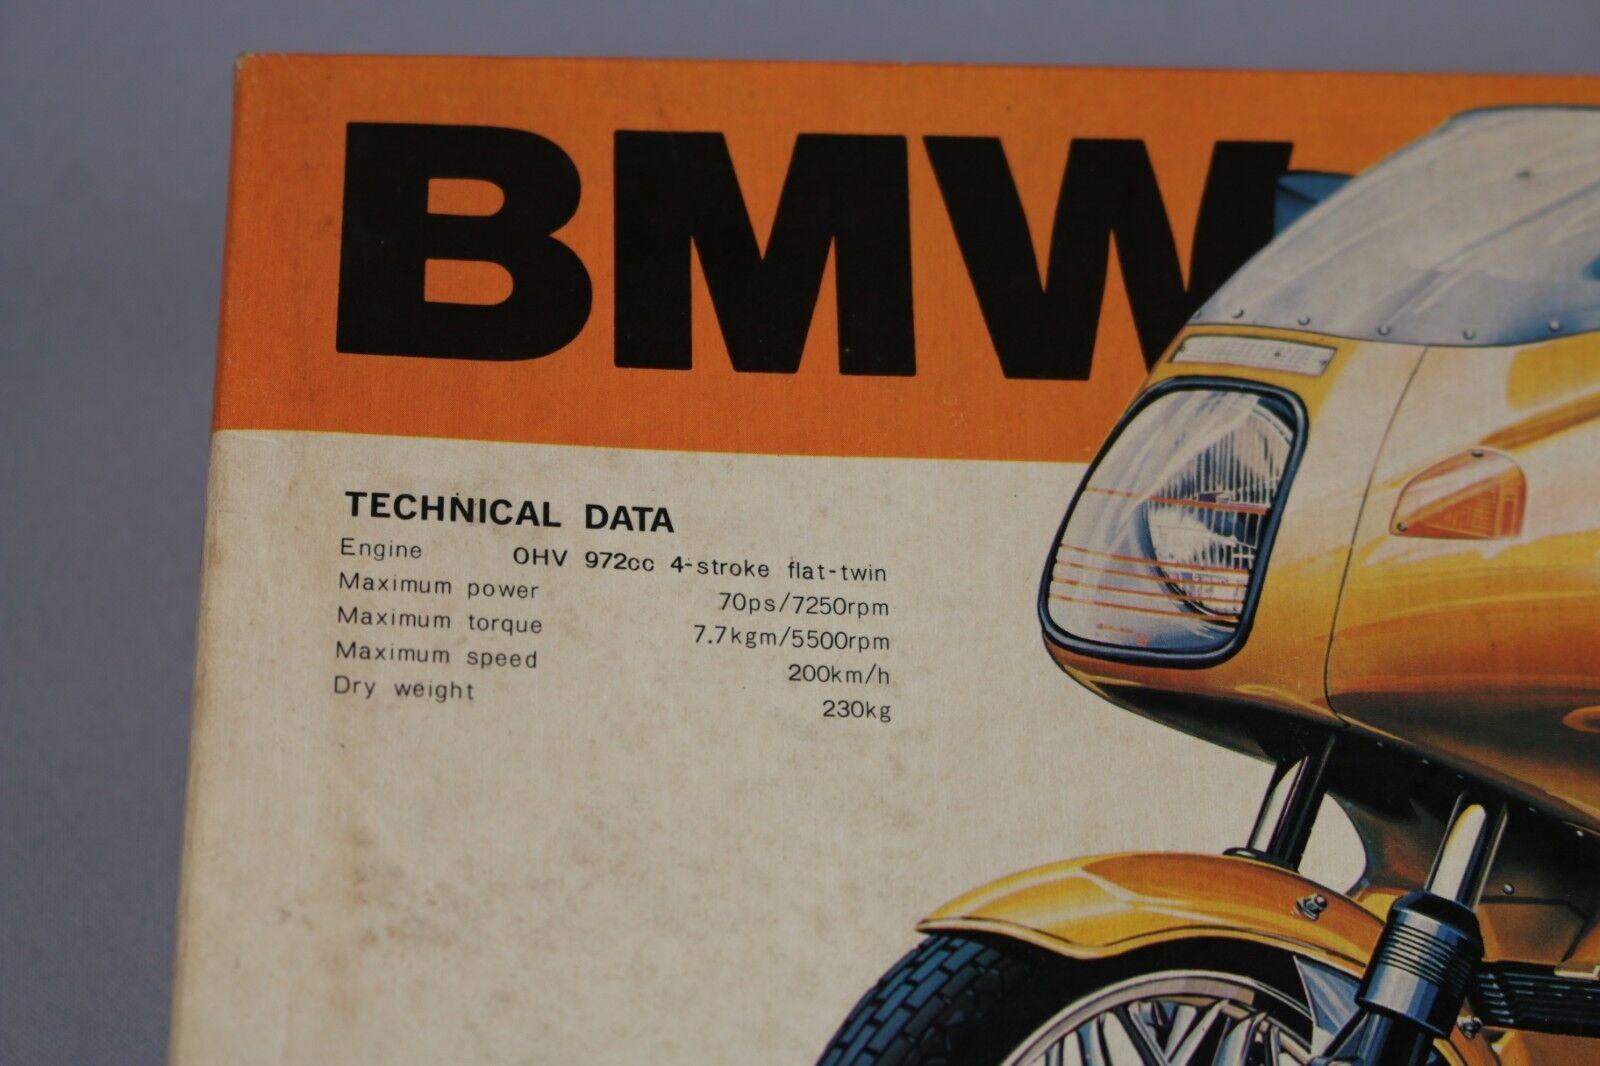 Zf1034 Hales Ohta 1 12 Modellino Modellino Modellino M12021-1000 BMW R100rs Moto Serie No. 1 443d9d